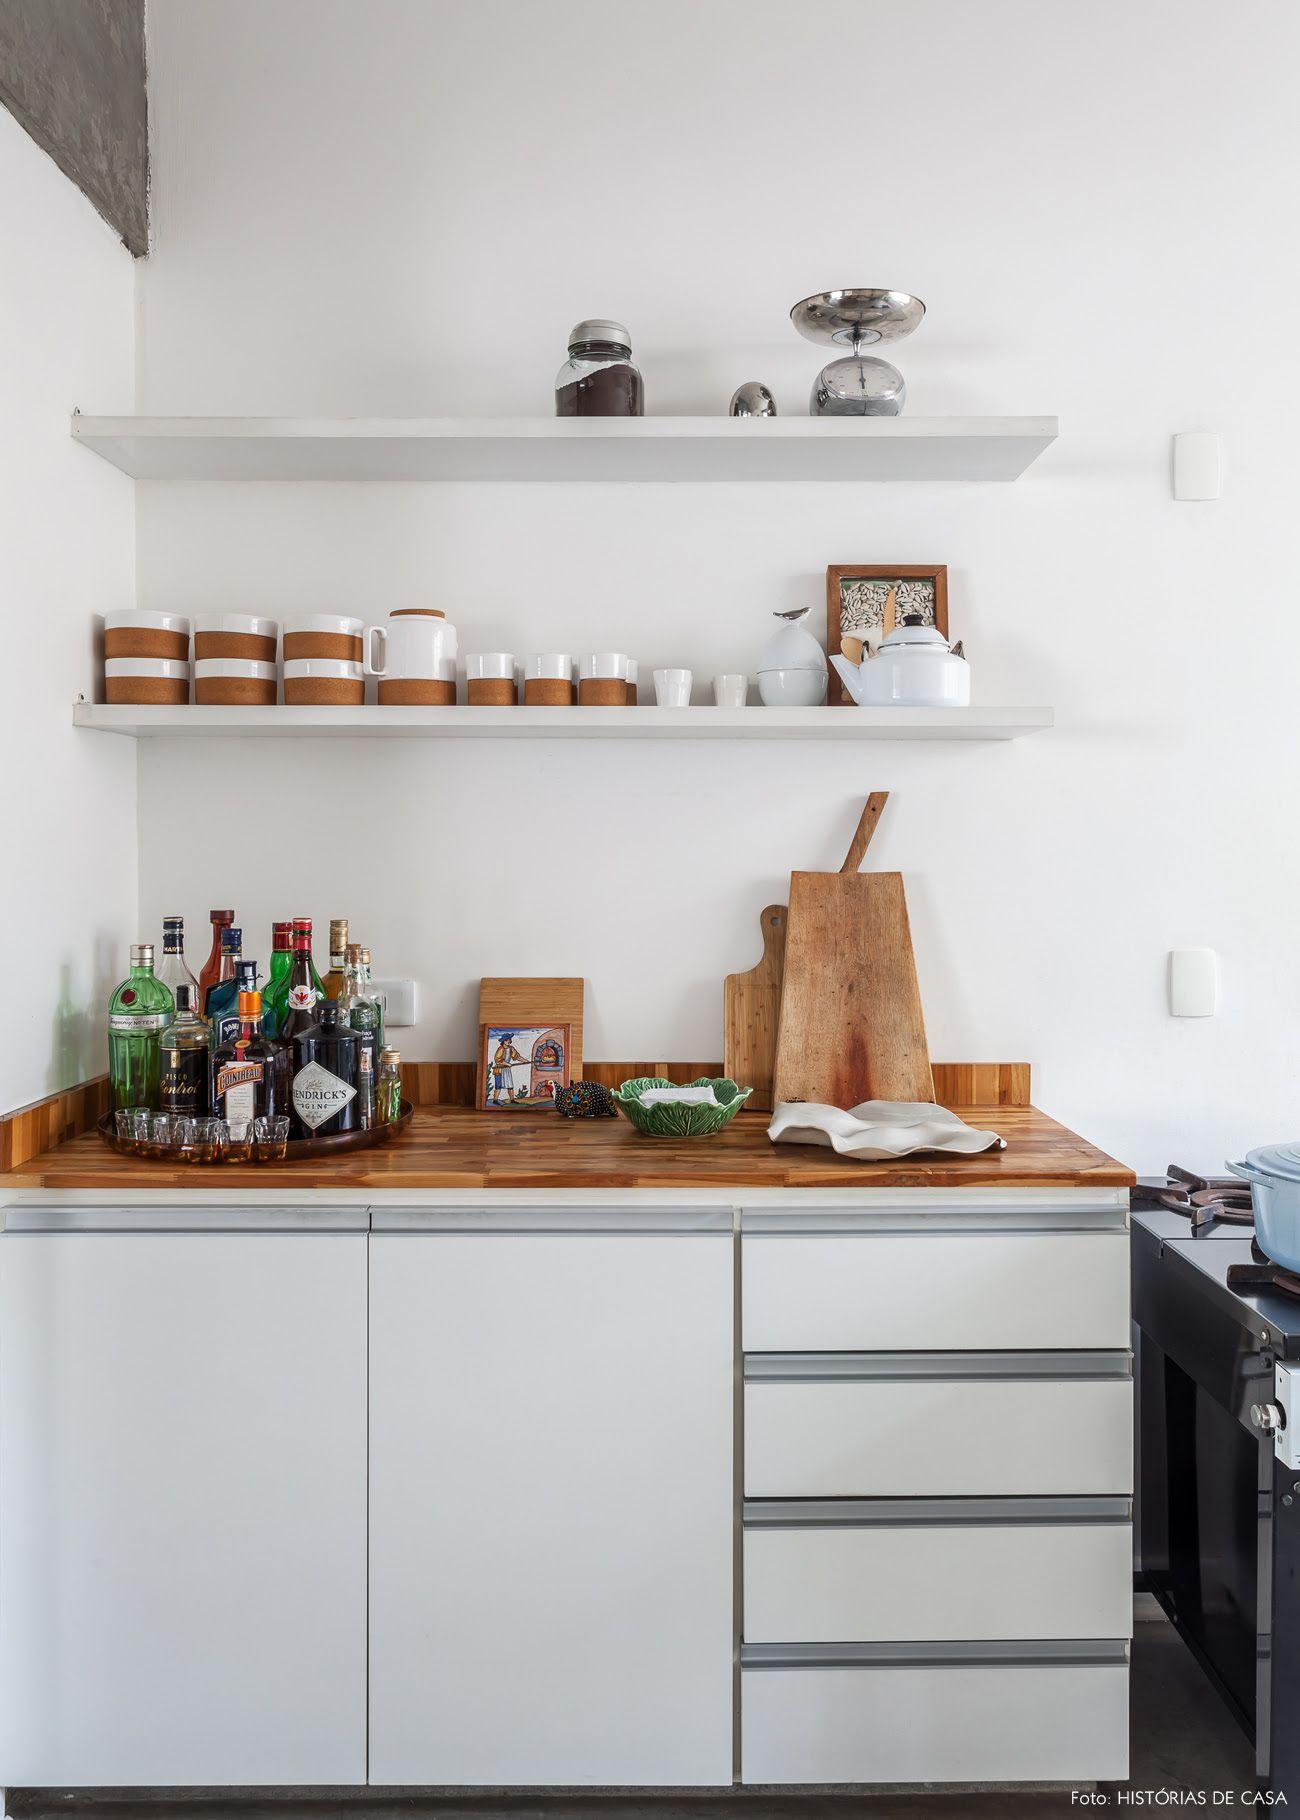 Fantastisch Kleine Küchensets Fotos - Ideen Für Die Küche Dekoration ...